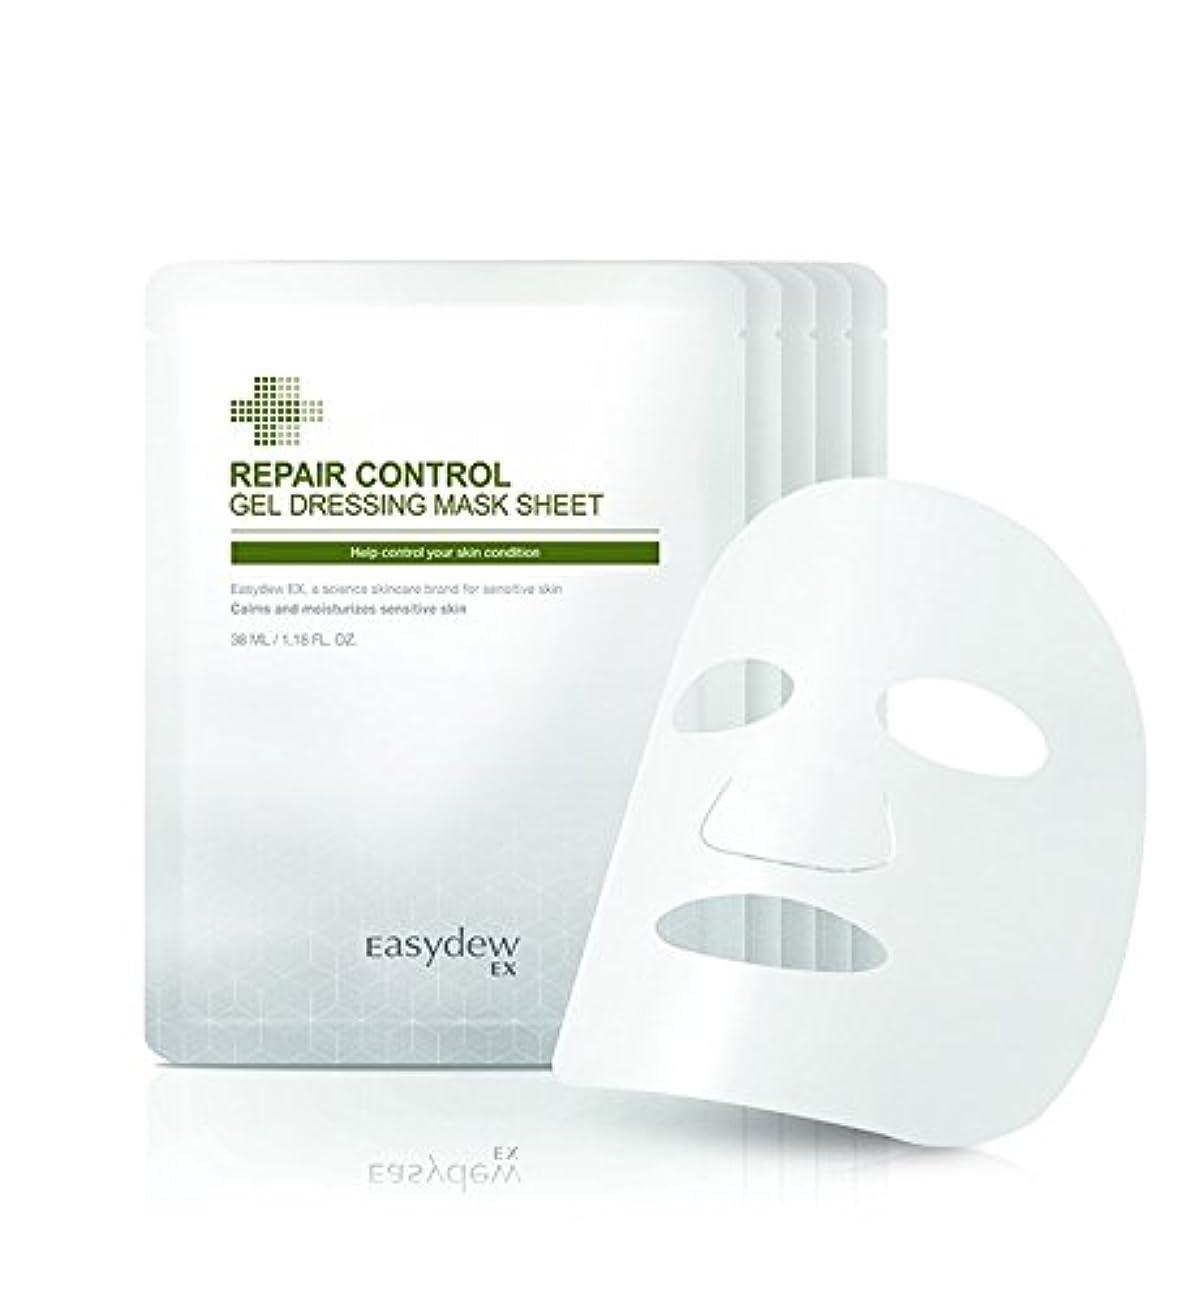 デウン製薬 リペア コントロール ゲルドレッシング マスクシートー38ml X 5枚セット. Repair Control Gel Dressing Mask Sheet 38ml X 5P set.